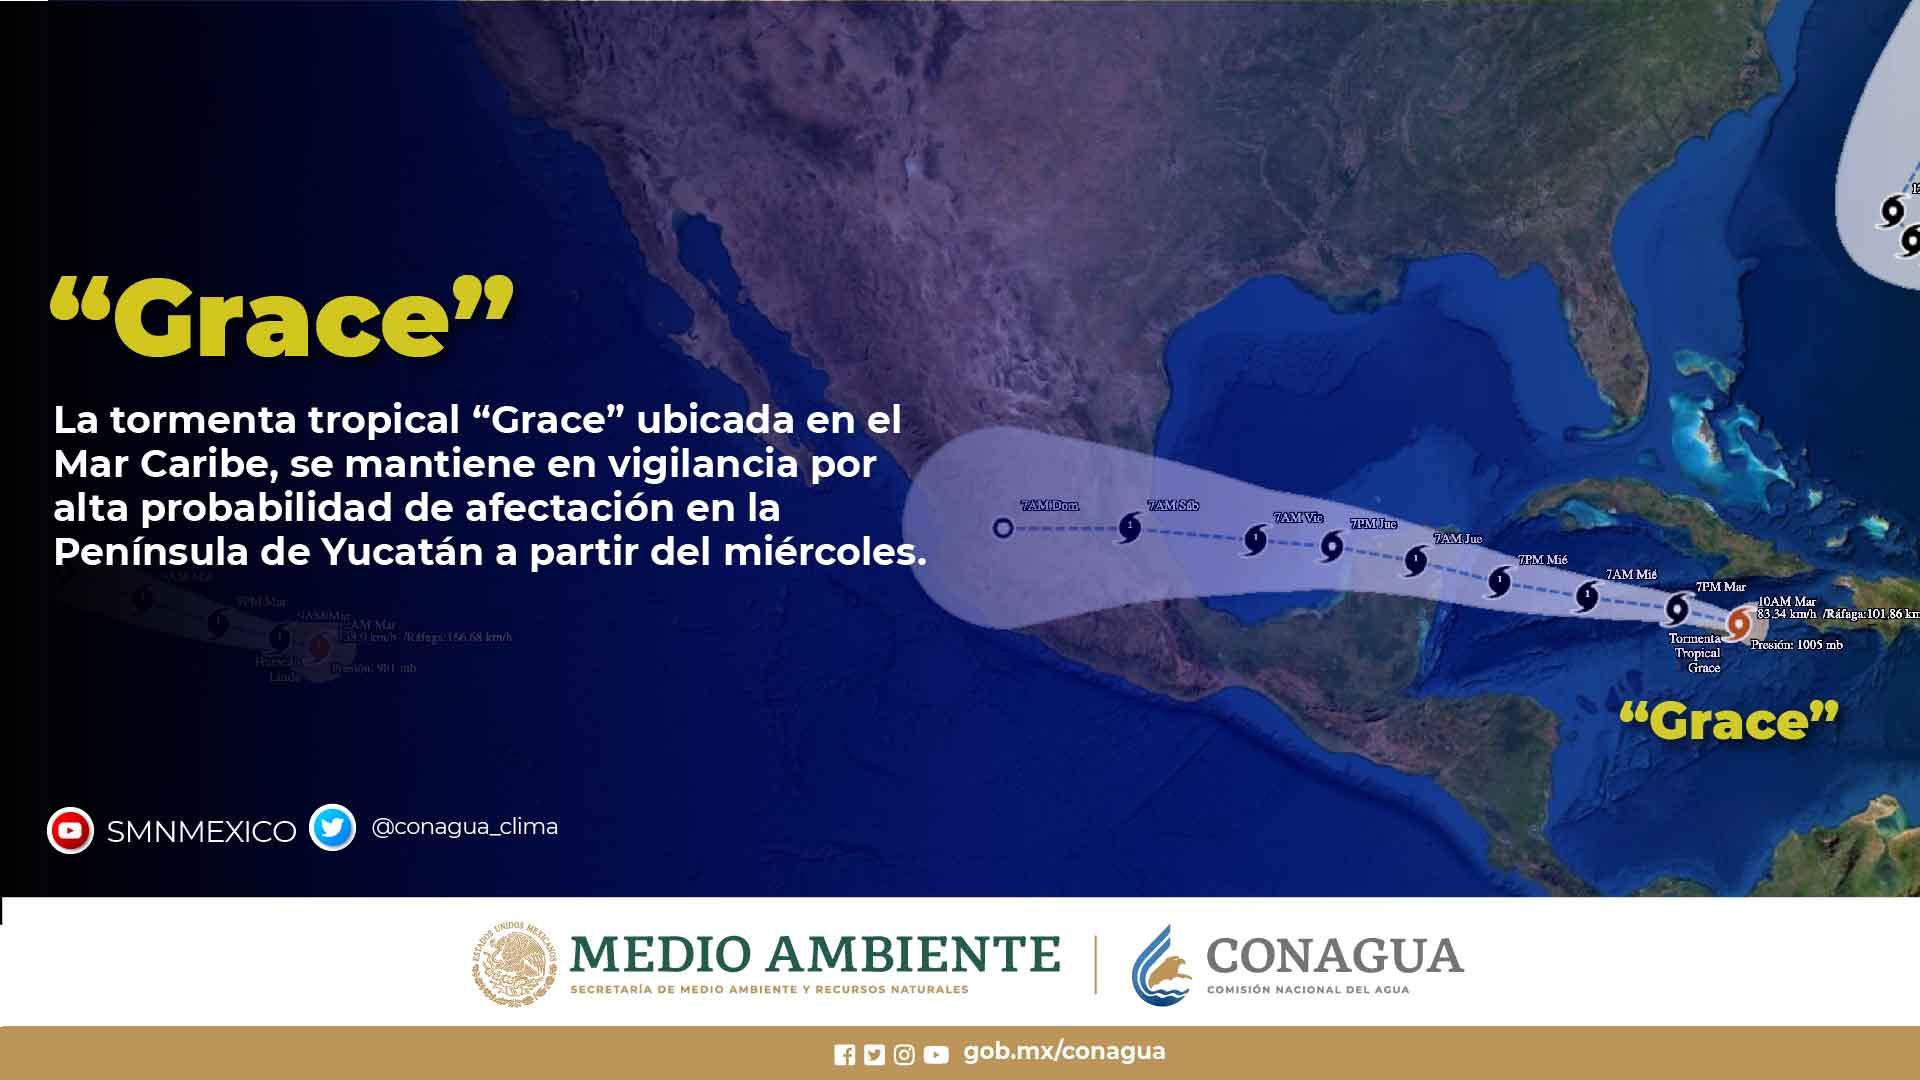 Emite Gobierno de México alerta por efectos del ciclón Grace